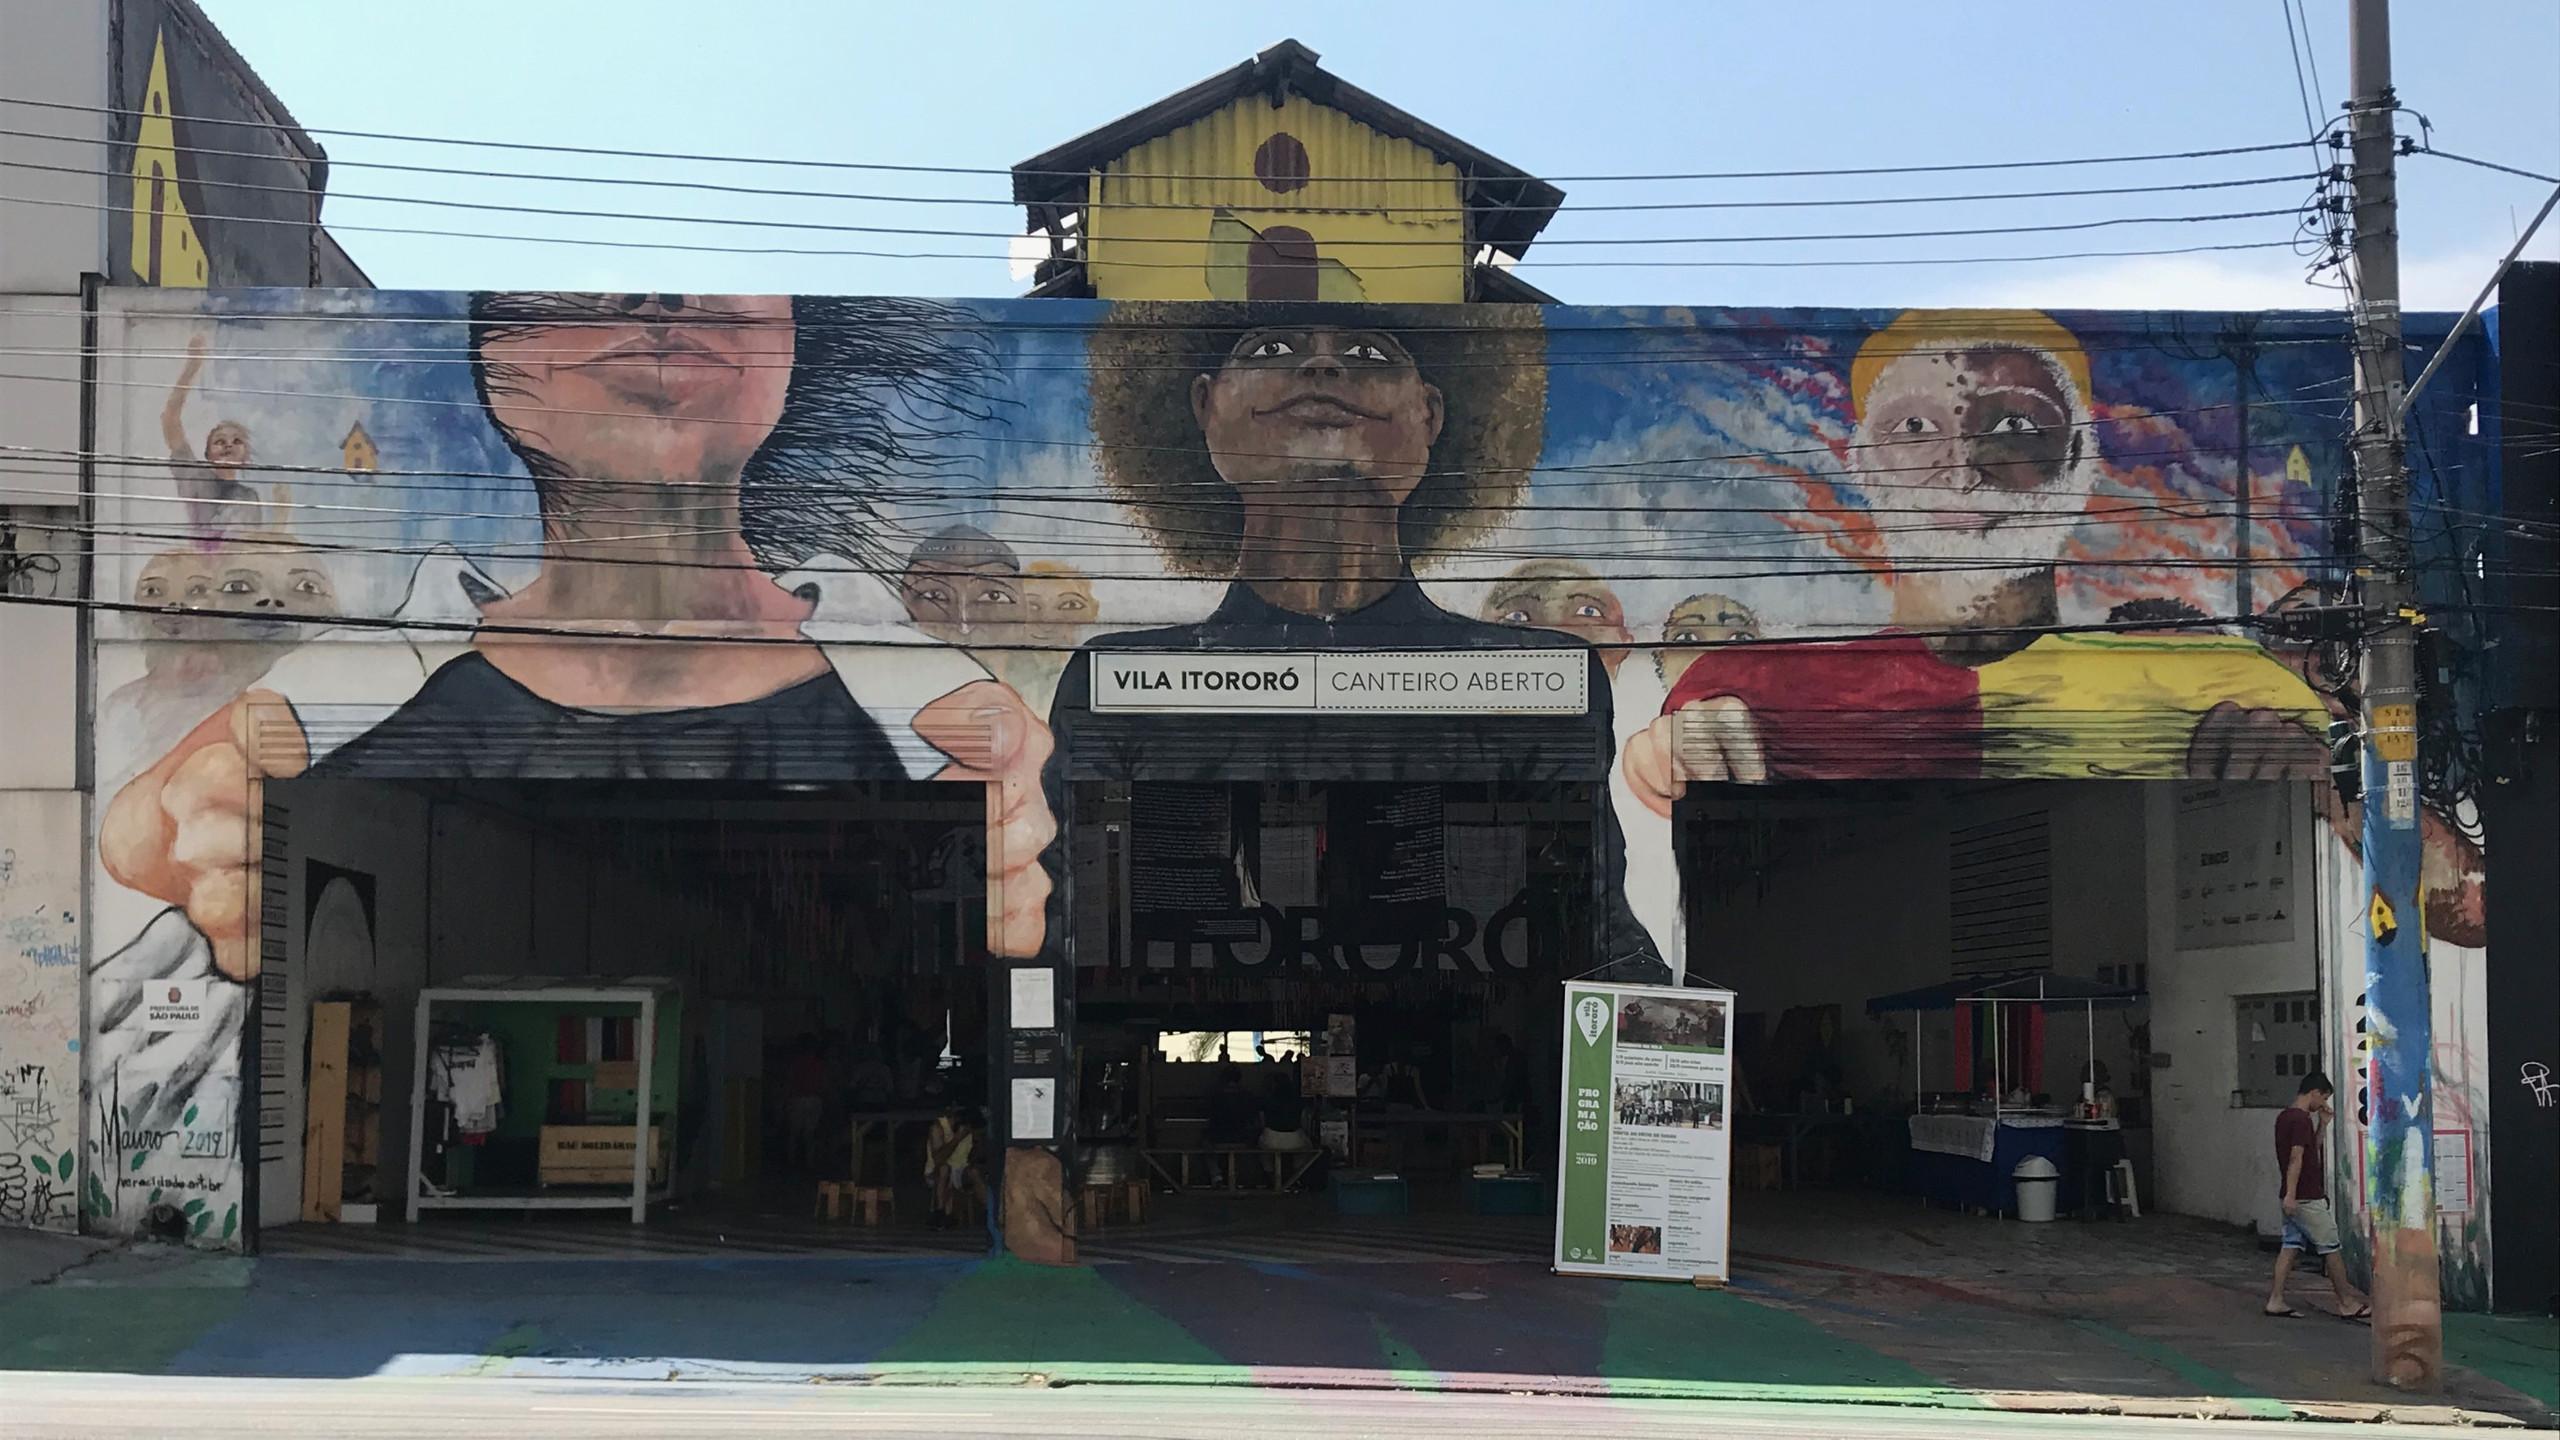 Canteiro Aberto - Rua Pedroso, 238